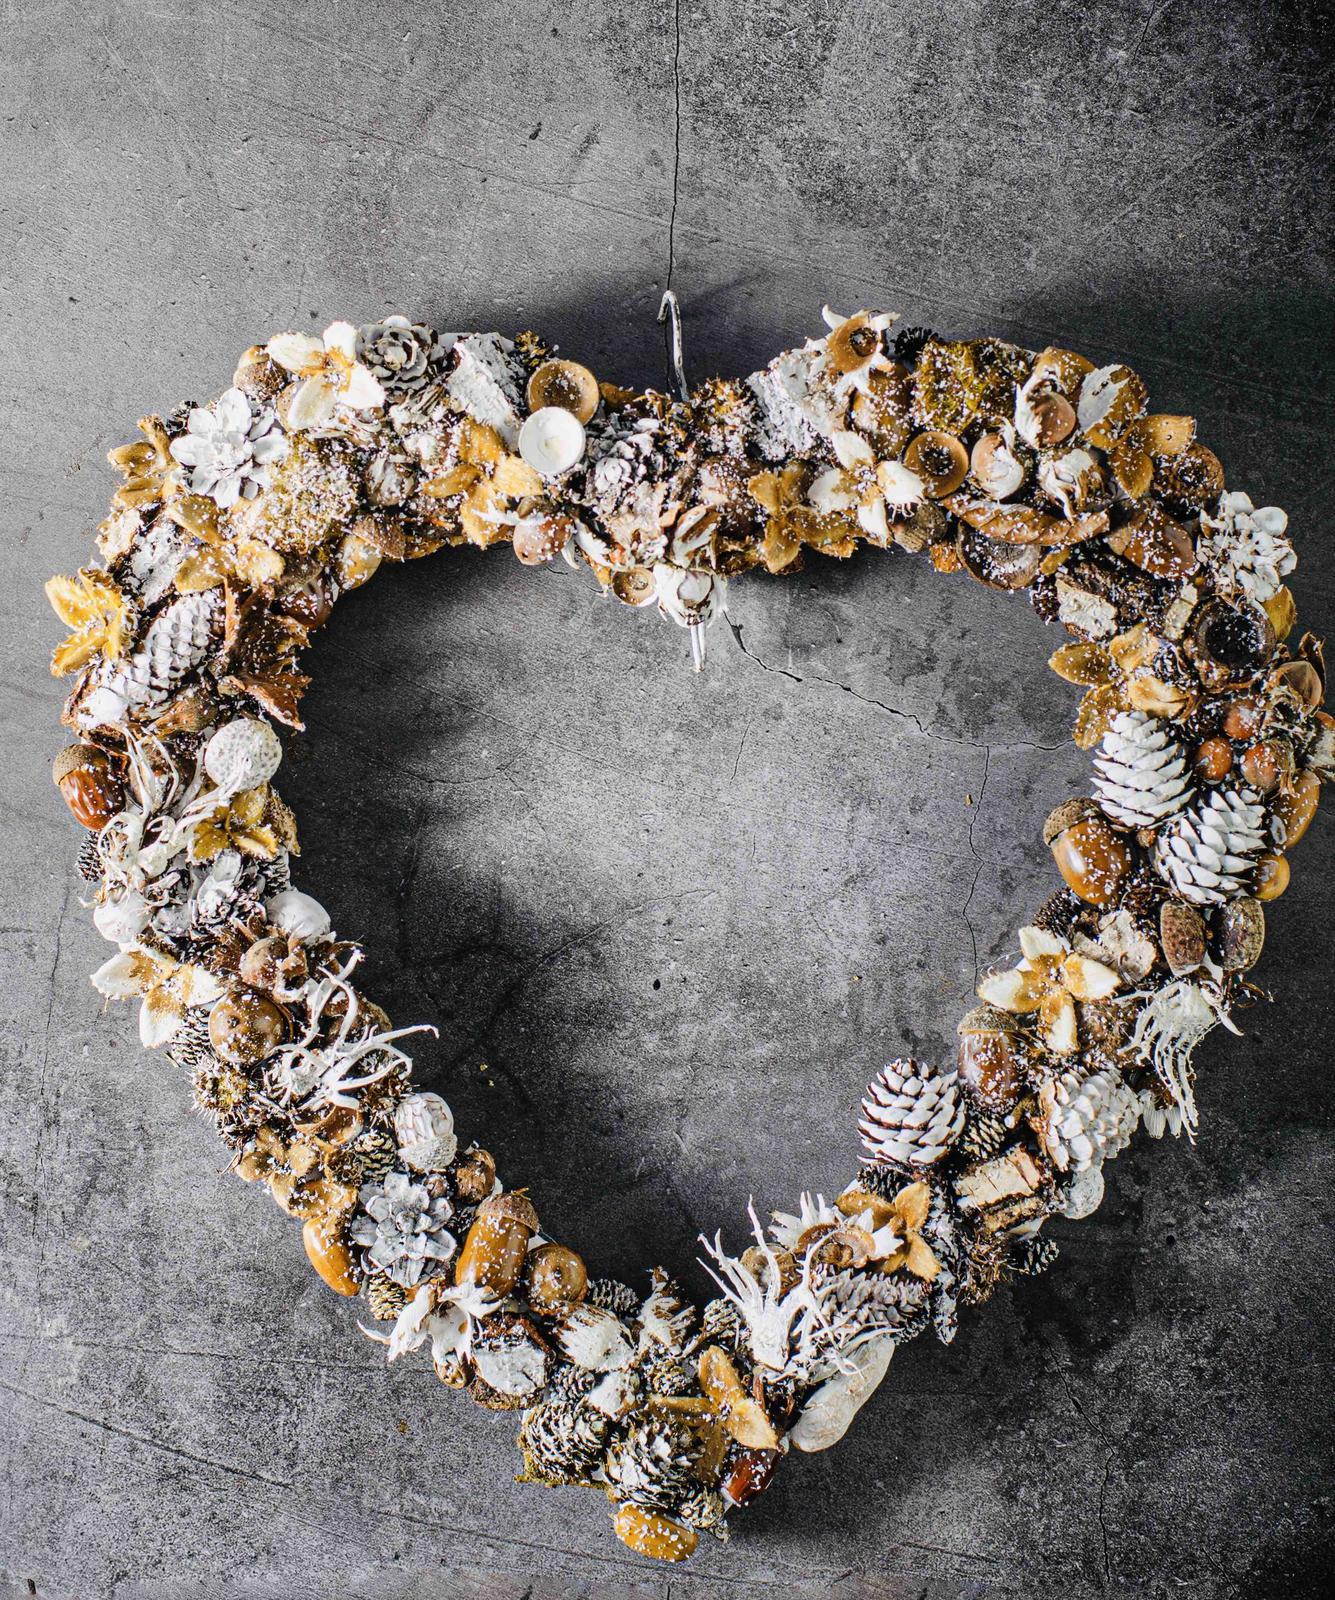 Miluji tvořit - Základ srdce jsme měla z Kiku, vše přilepené tavnou, nějaké části natřené bílou, posypáno umělým sněhem a stříknuto lakem 🤗